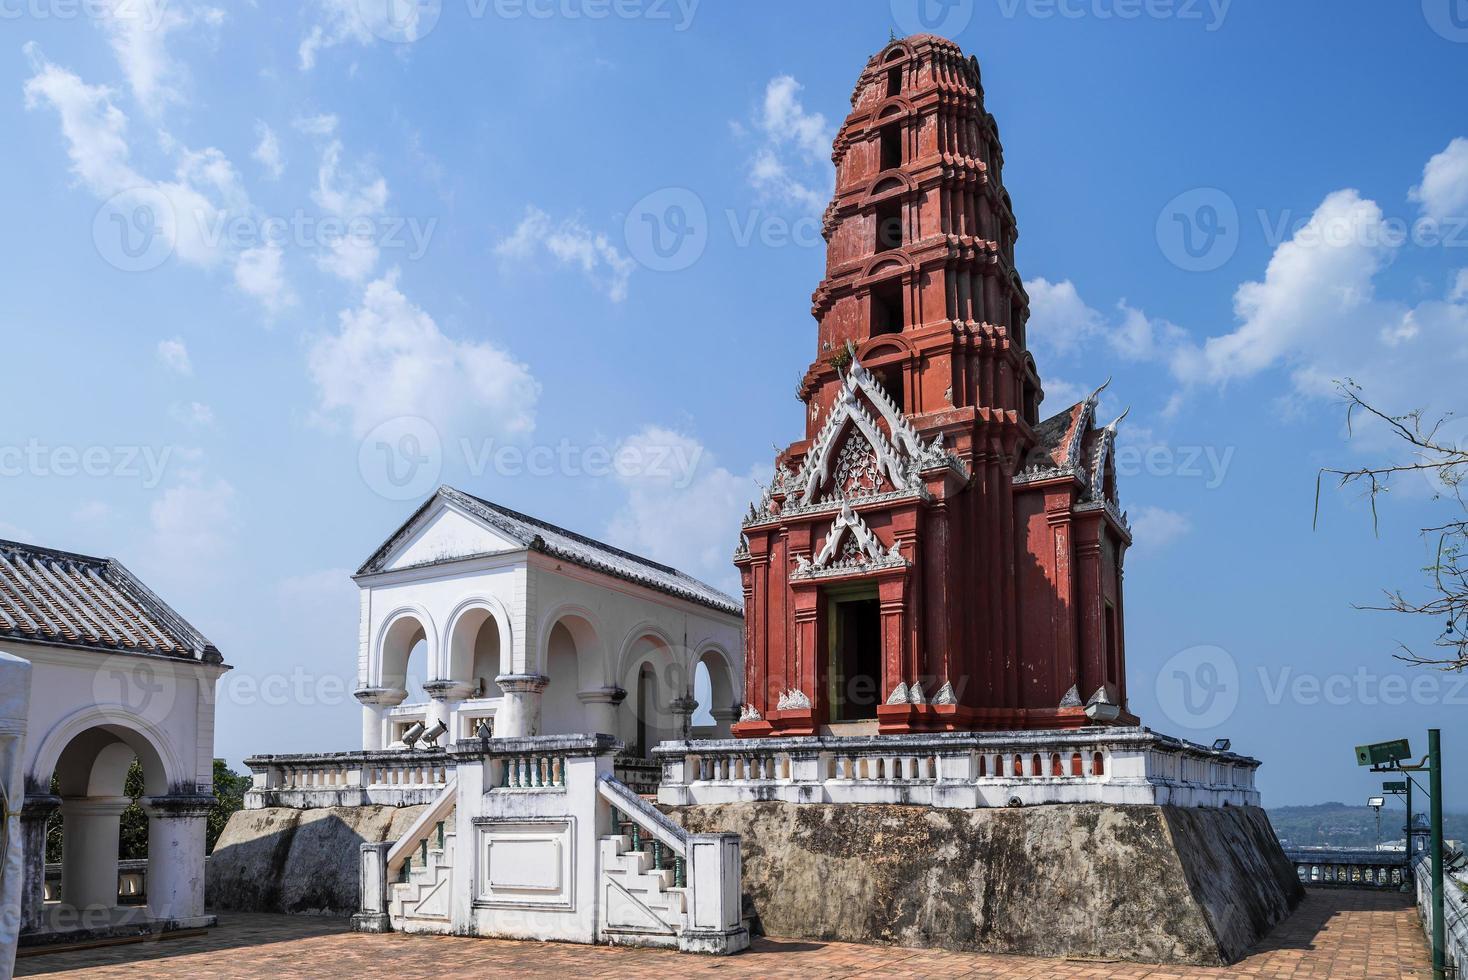 alter thailändischer Königspalast in der Provinz Phetchaburi, Thailand foto